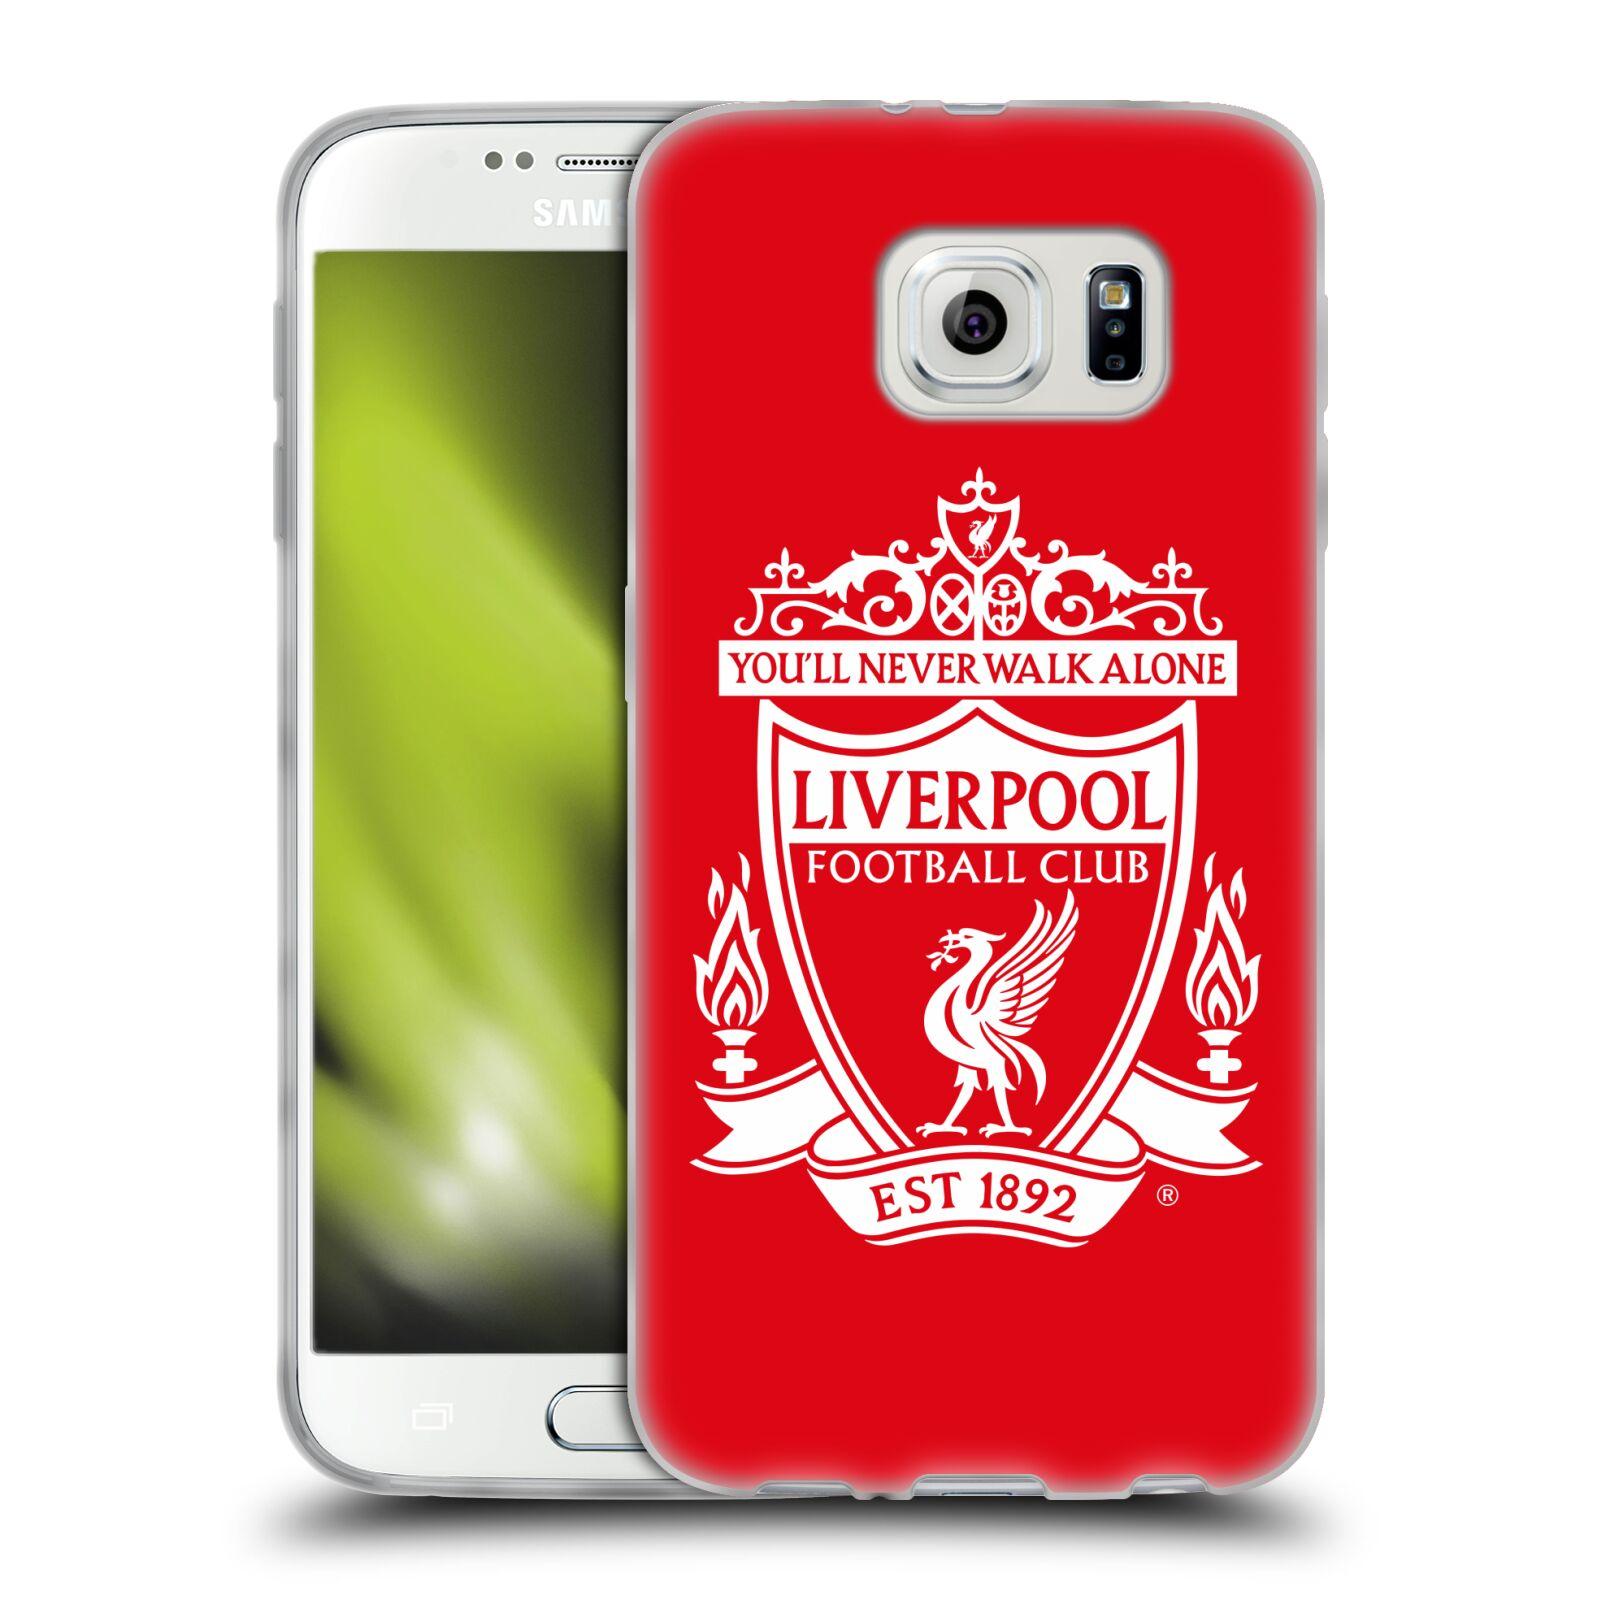 HEAD CASE silikonový obal na mobil Samsung Galaxy S6 Fotbalový klub Liverpool bílý znak červené pozadí